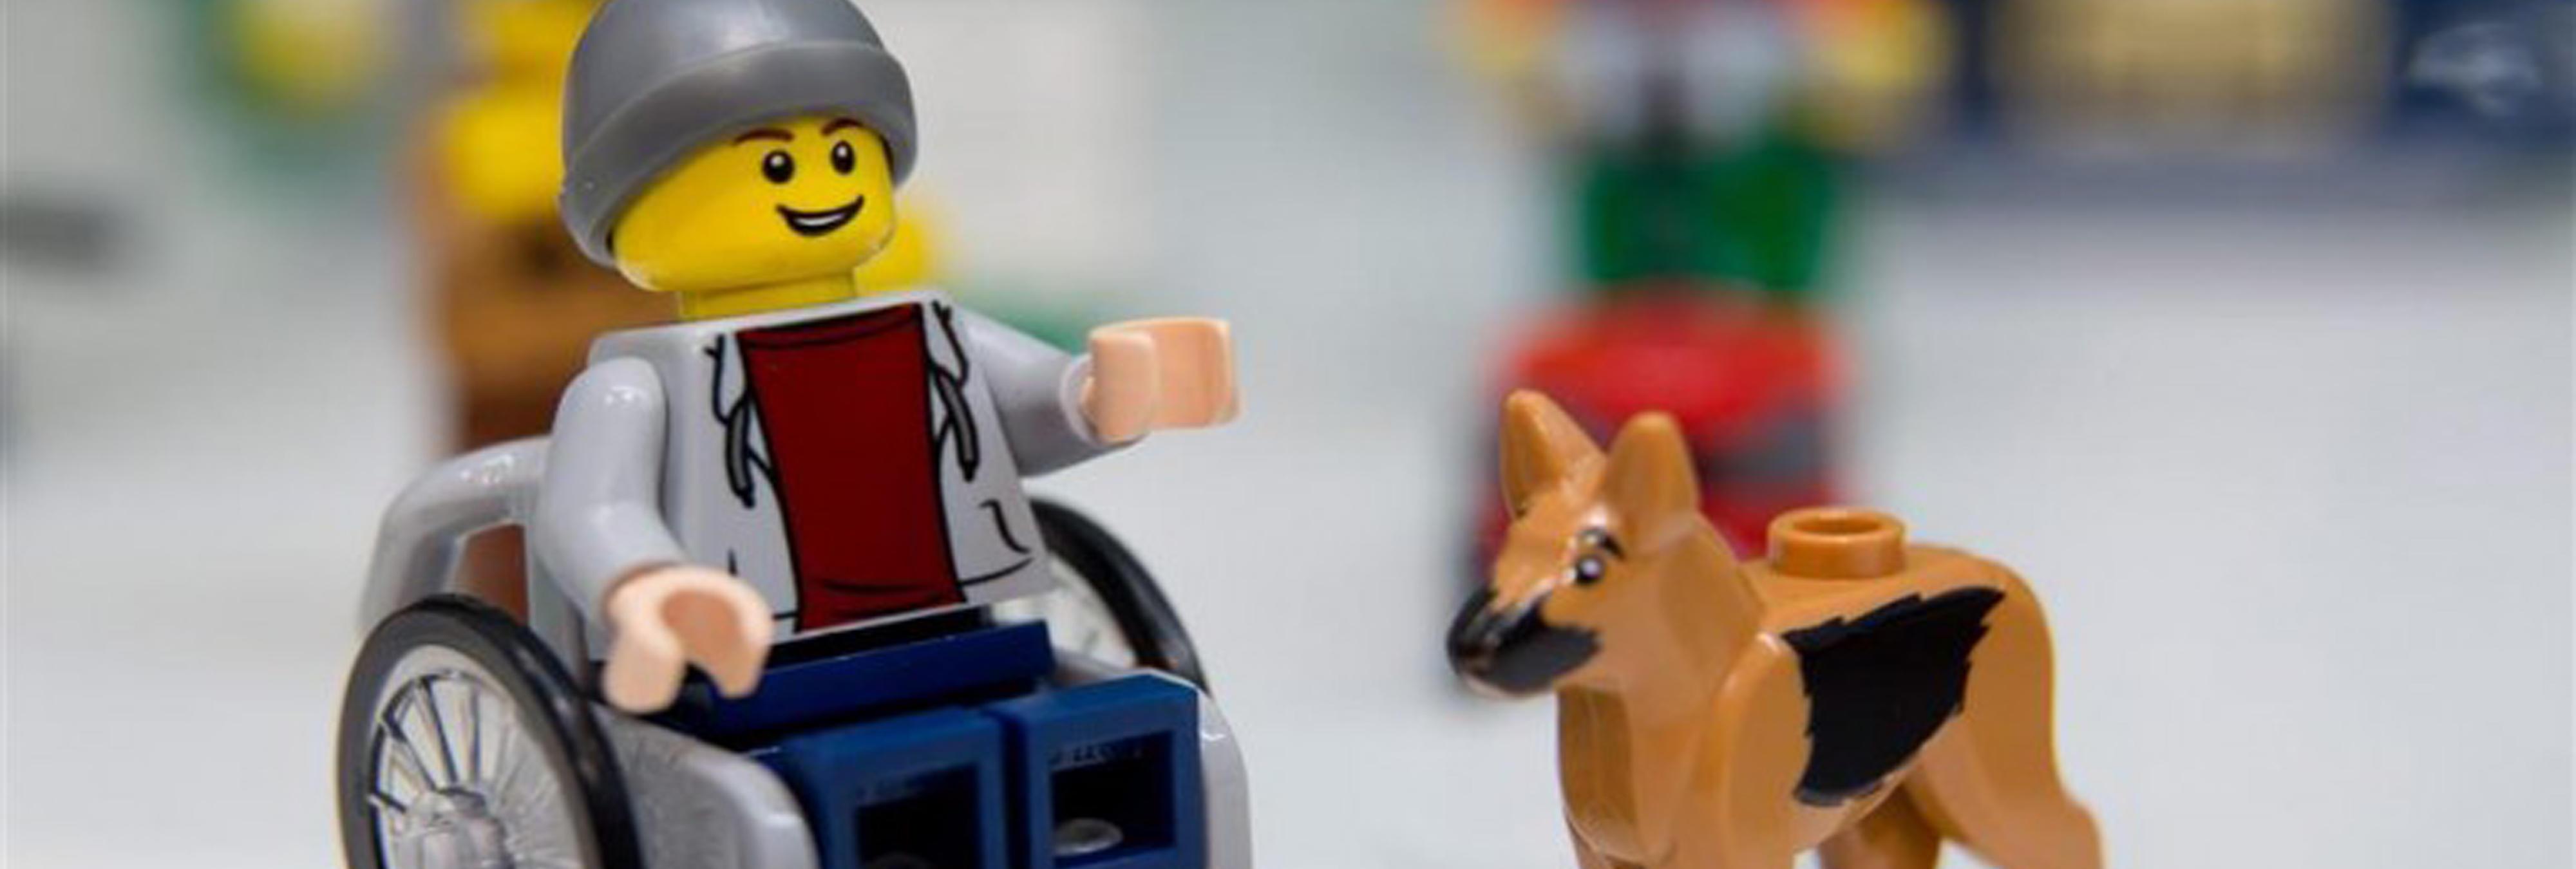 Lego lanzará una figura de un joven en silla de ruedas